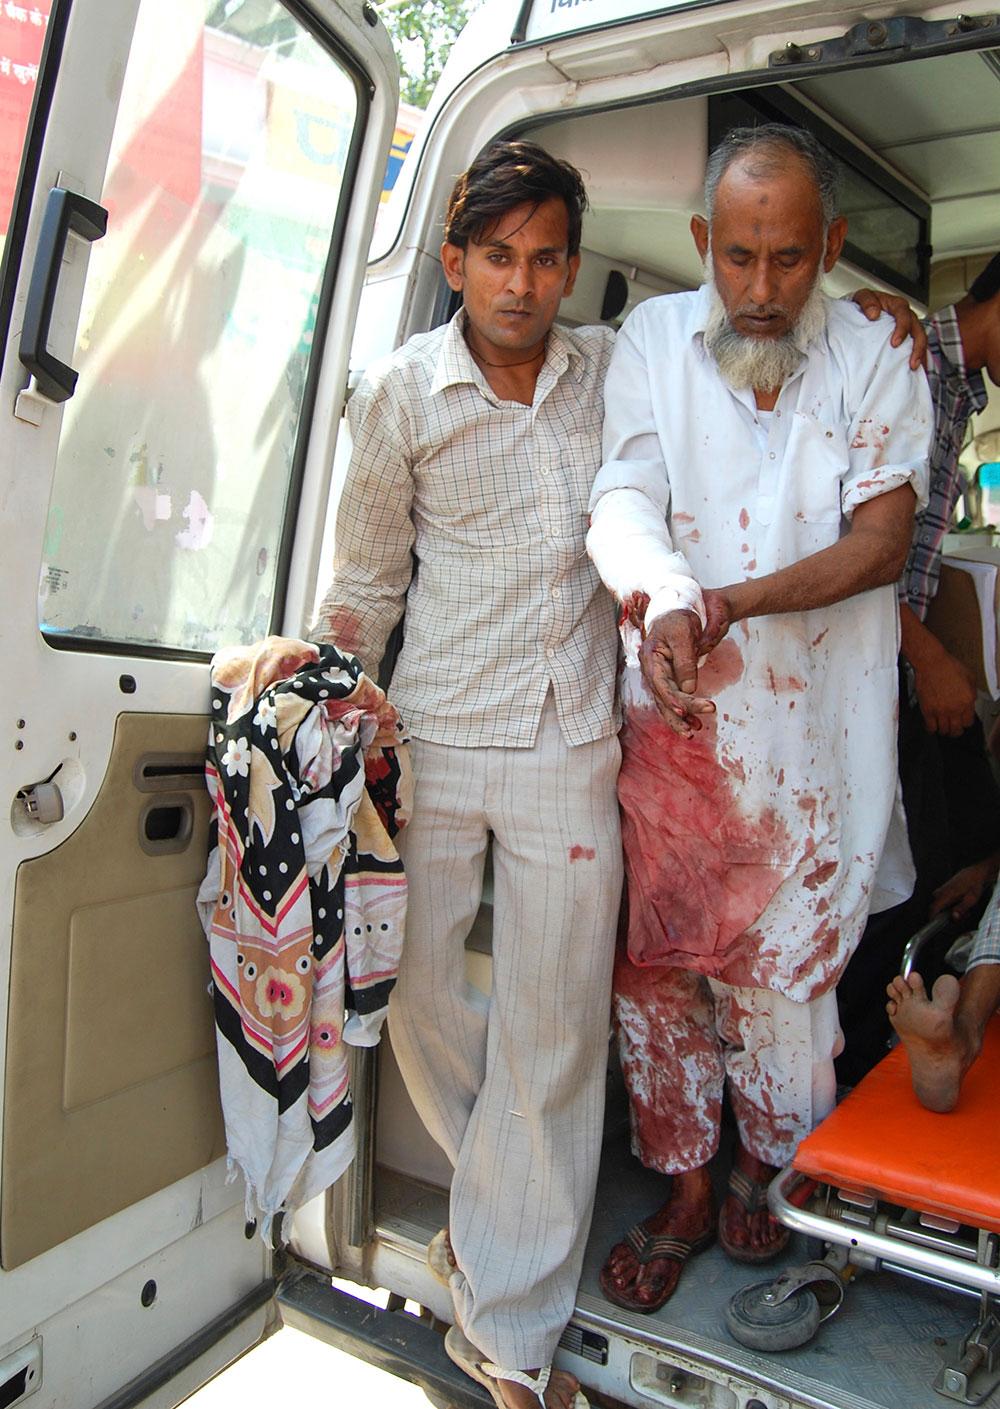 उत्तर प्रदेश के मुजफ्फरनगर में दो संप्रदायों के बीच भड़की हिंसा के बाद जख्मी लोग।